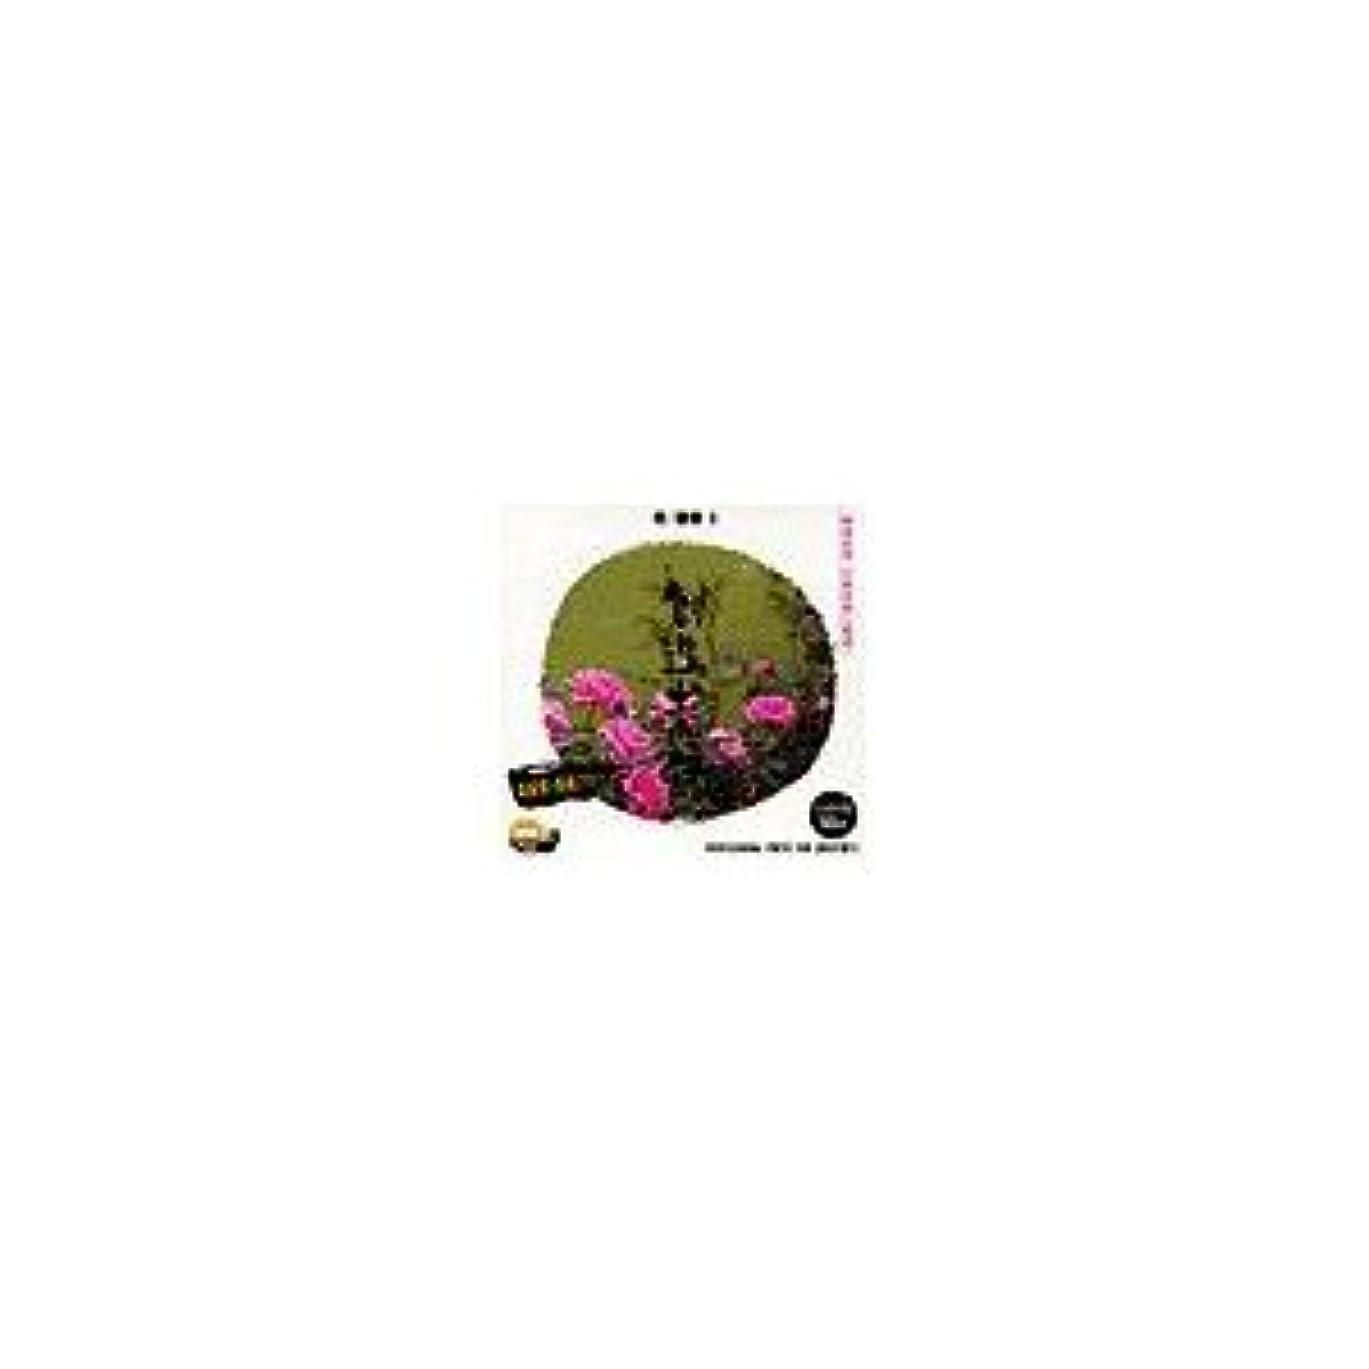 代わりのゴージャス小川写真素材 創造素材 花/薔薇1 ds-68177